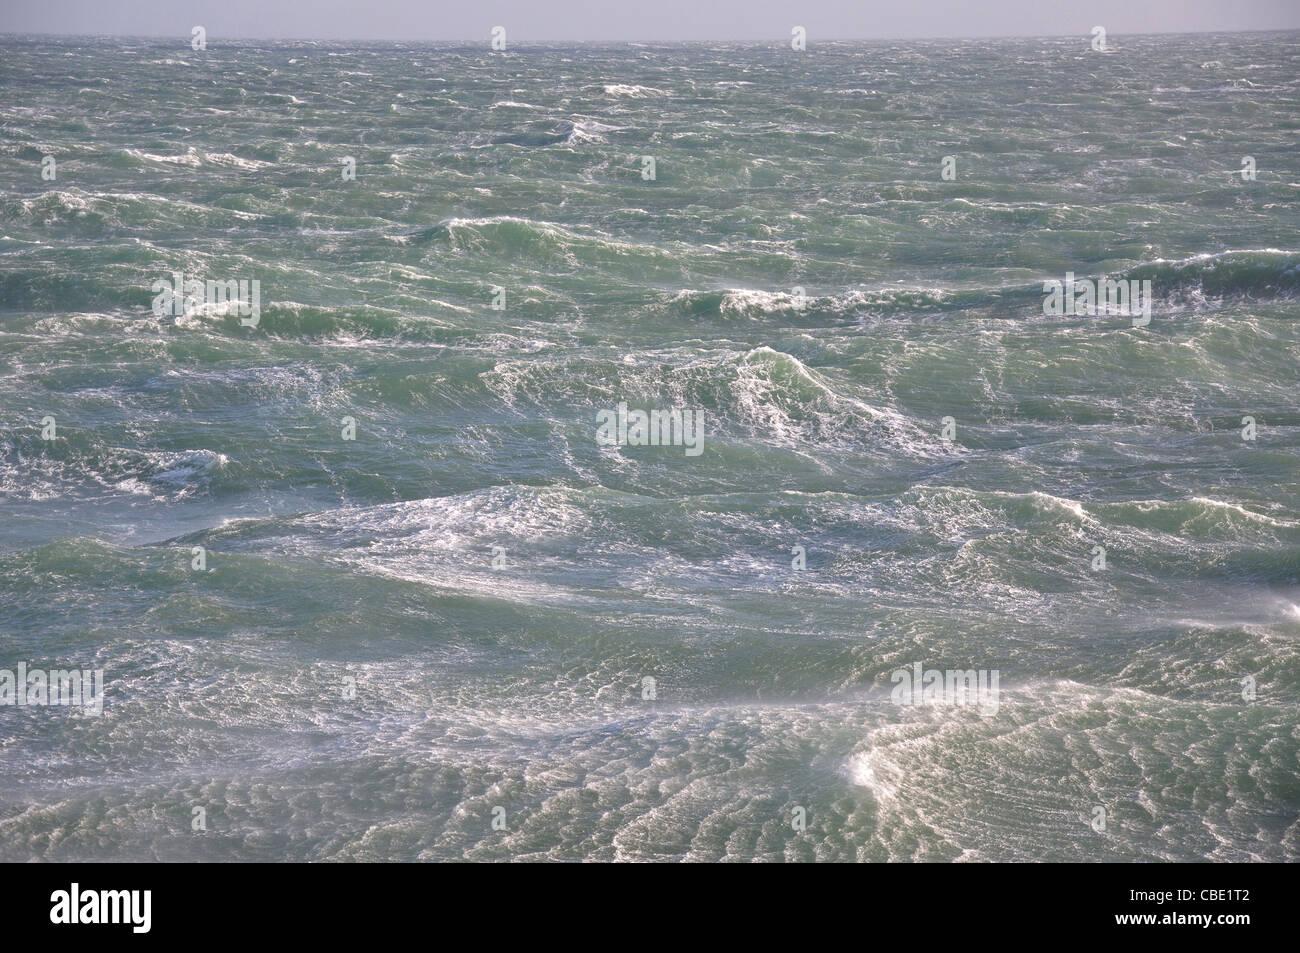 Mar agitado y spray, Mar del Norte, Europa Imagen De Stock